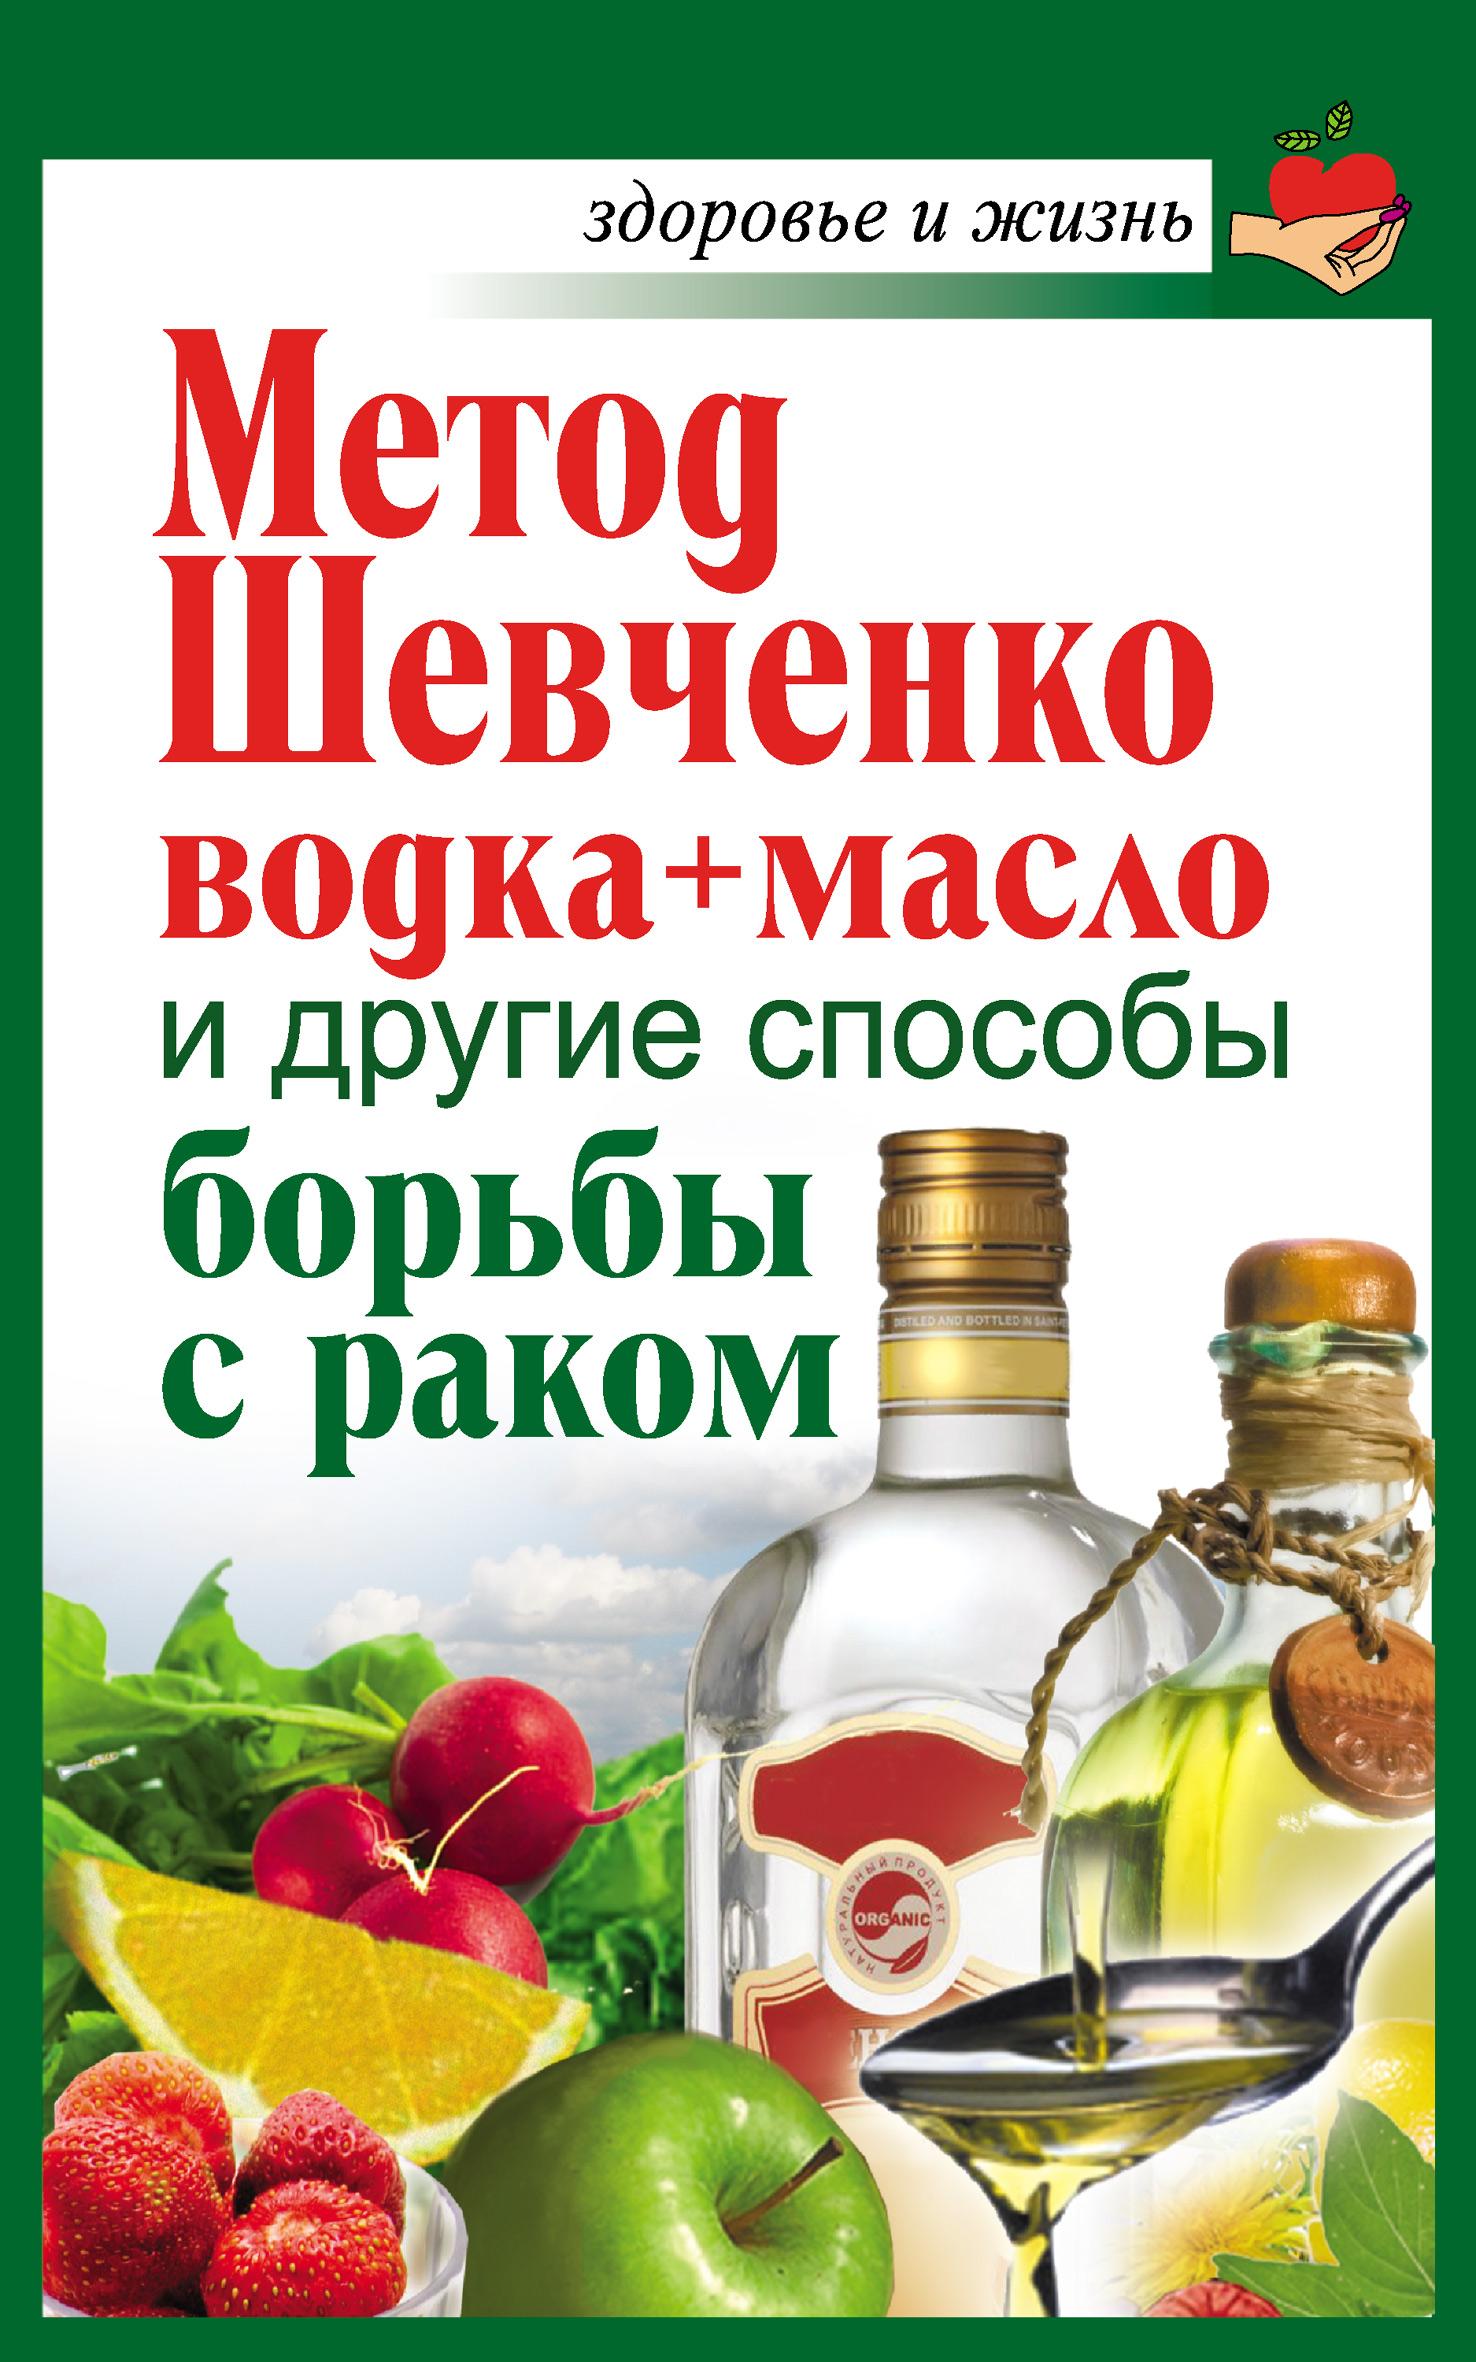 Метод Шевченко (водка + масло) и другие способы борьбы с раком